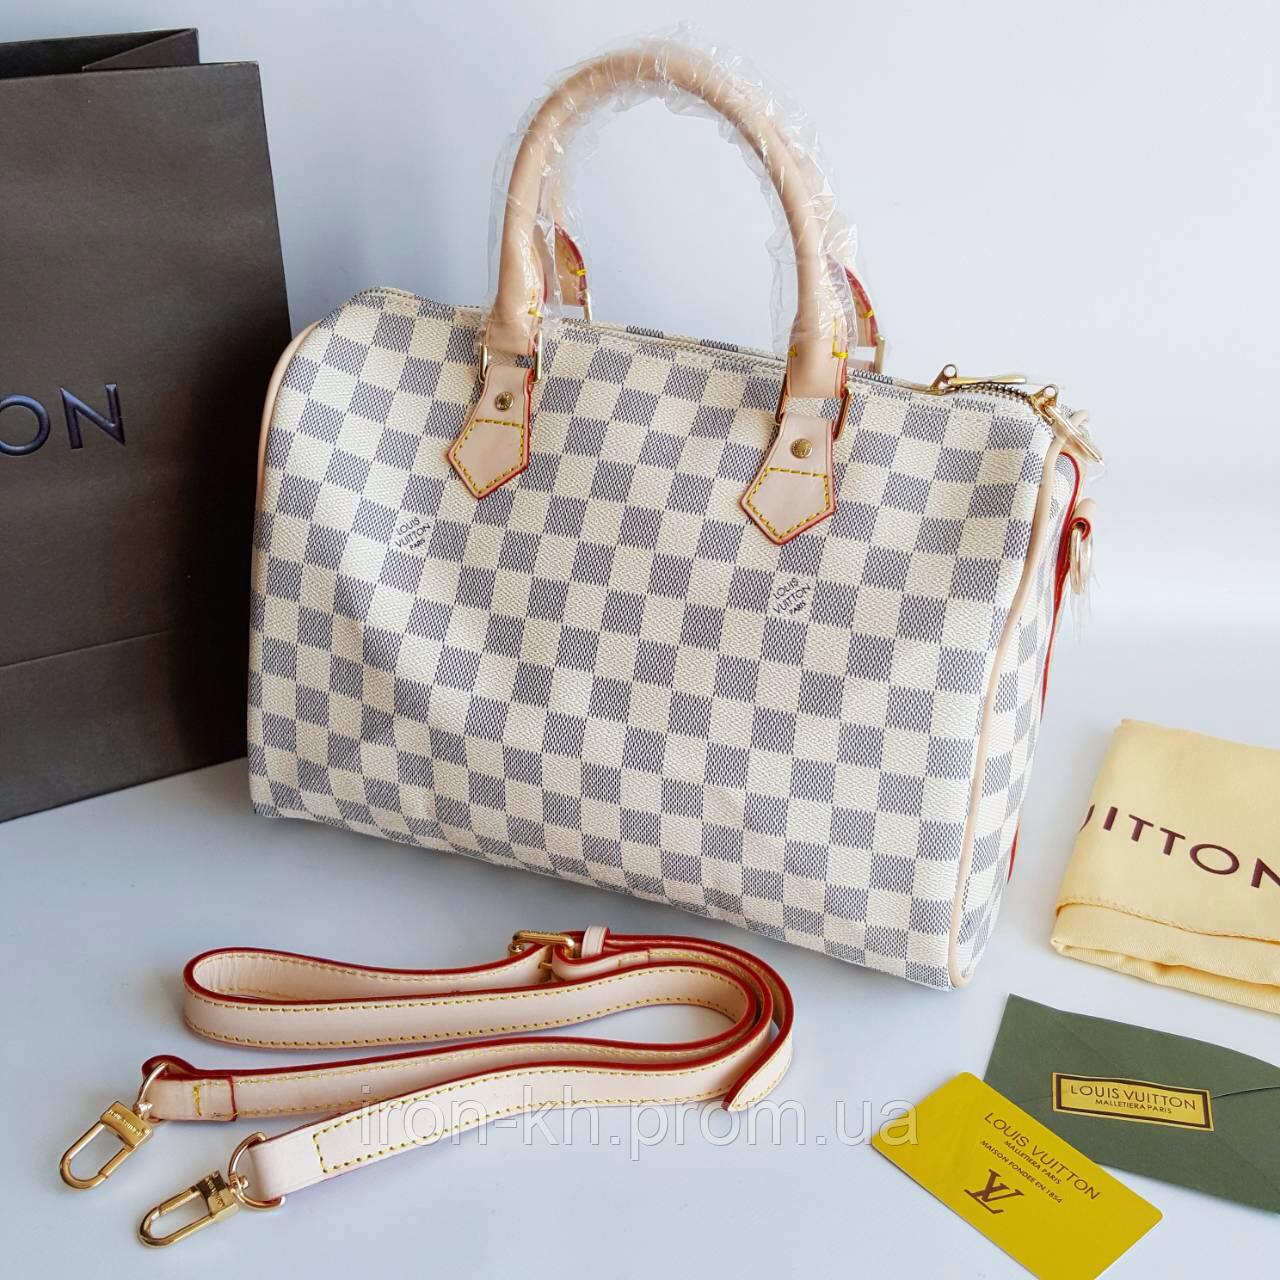 Женская сумка LOUIS VUITTON  продажа, цена в Харькове. женские ... c59aca6548c